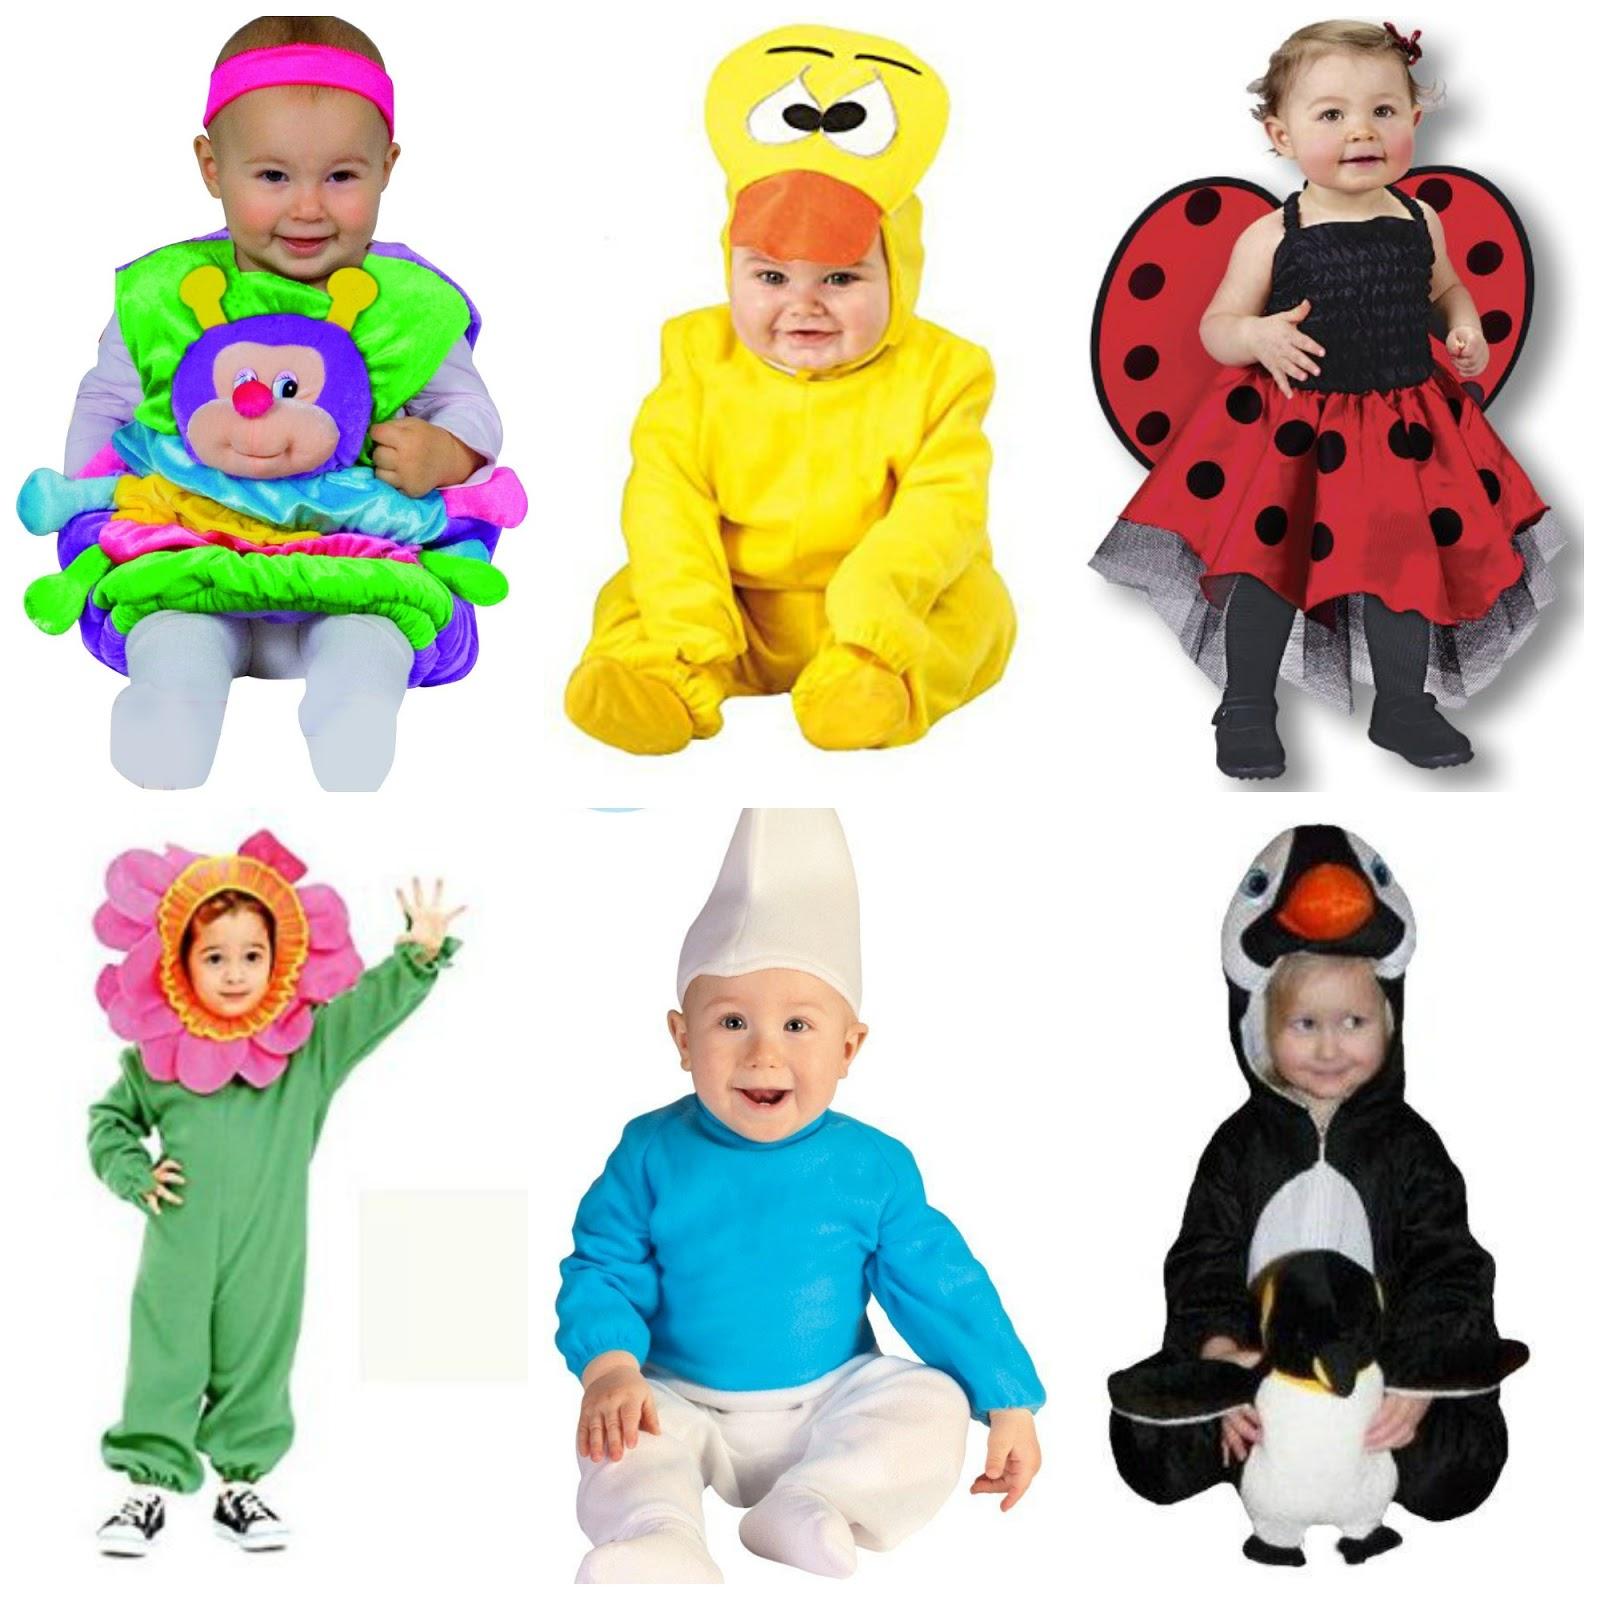 46881e49db44 12 Costumi di Carnevale fai da te e low cost per bambini piccoli e neonati